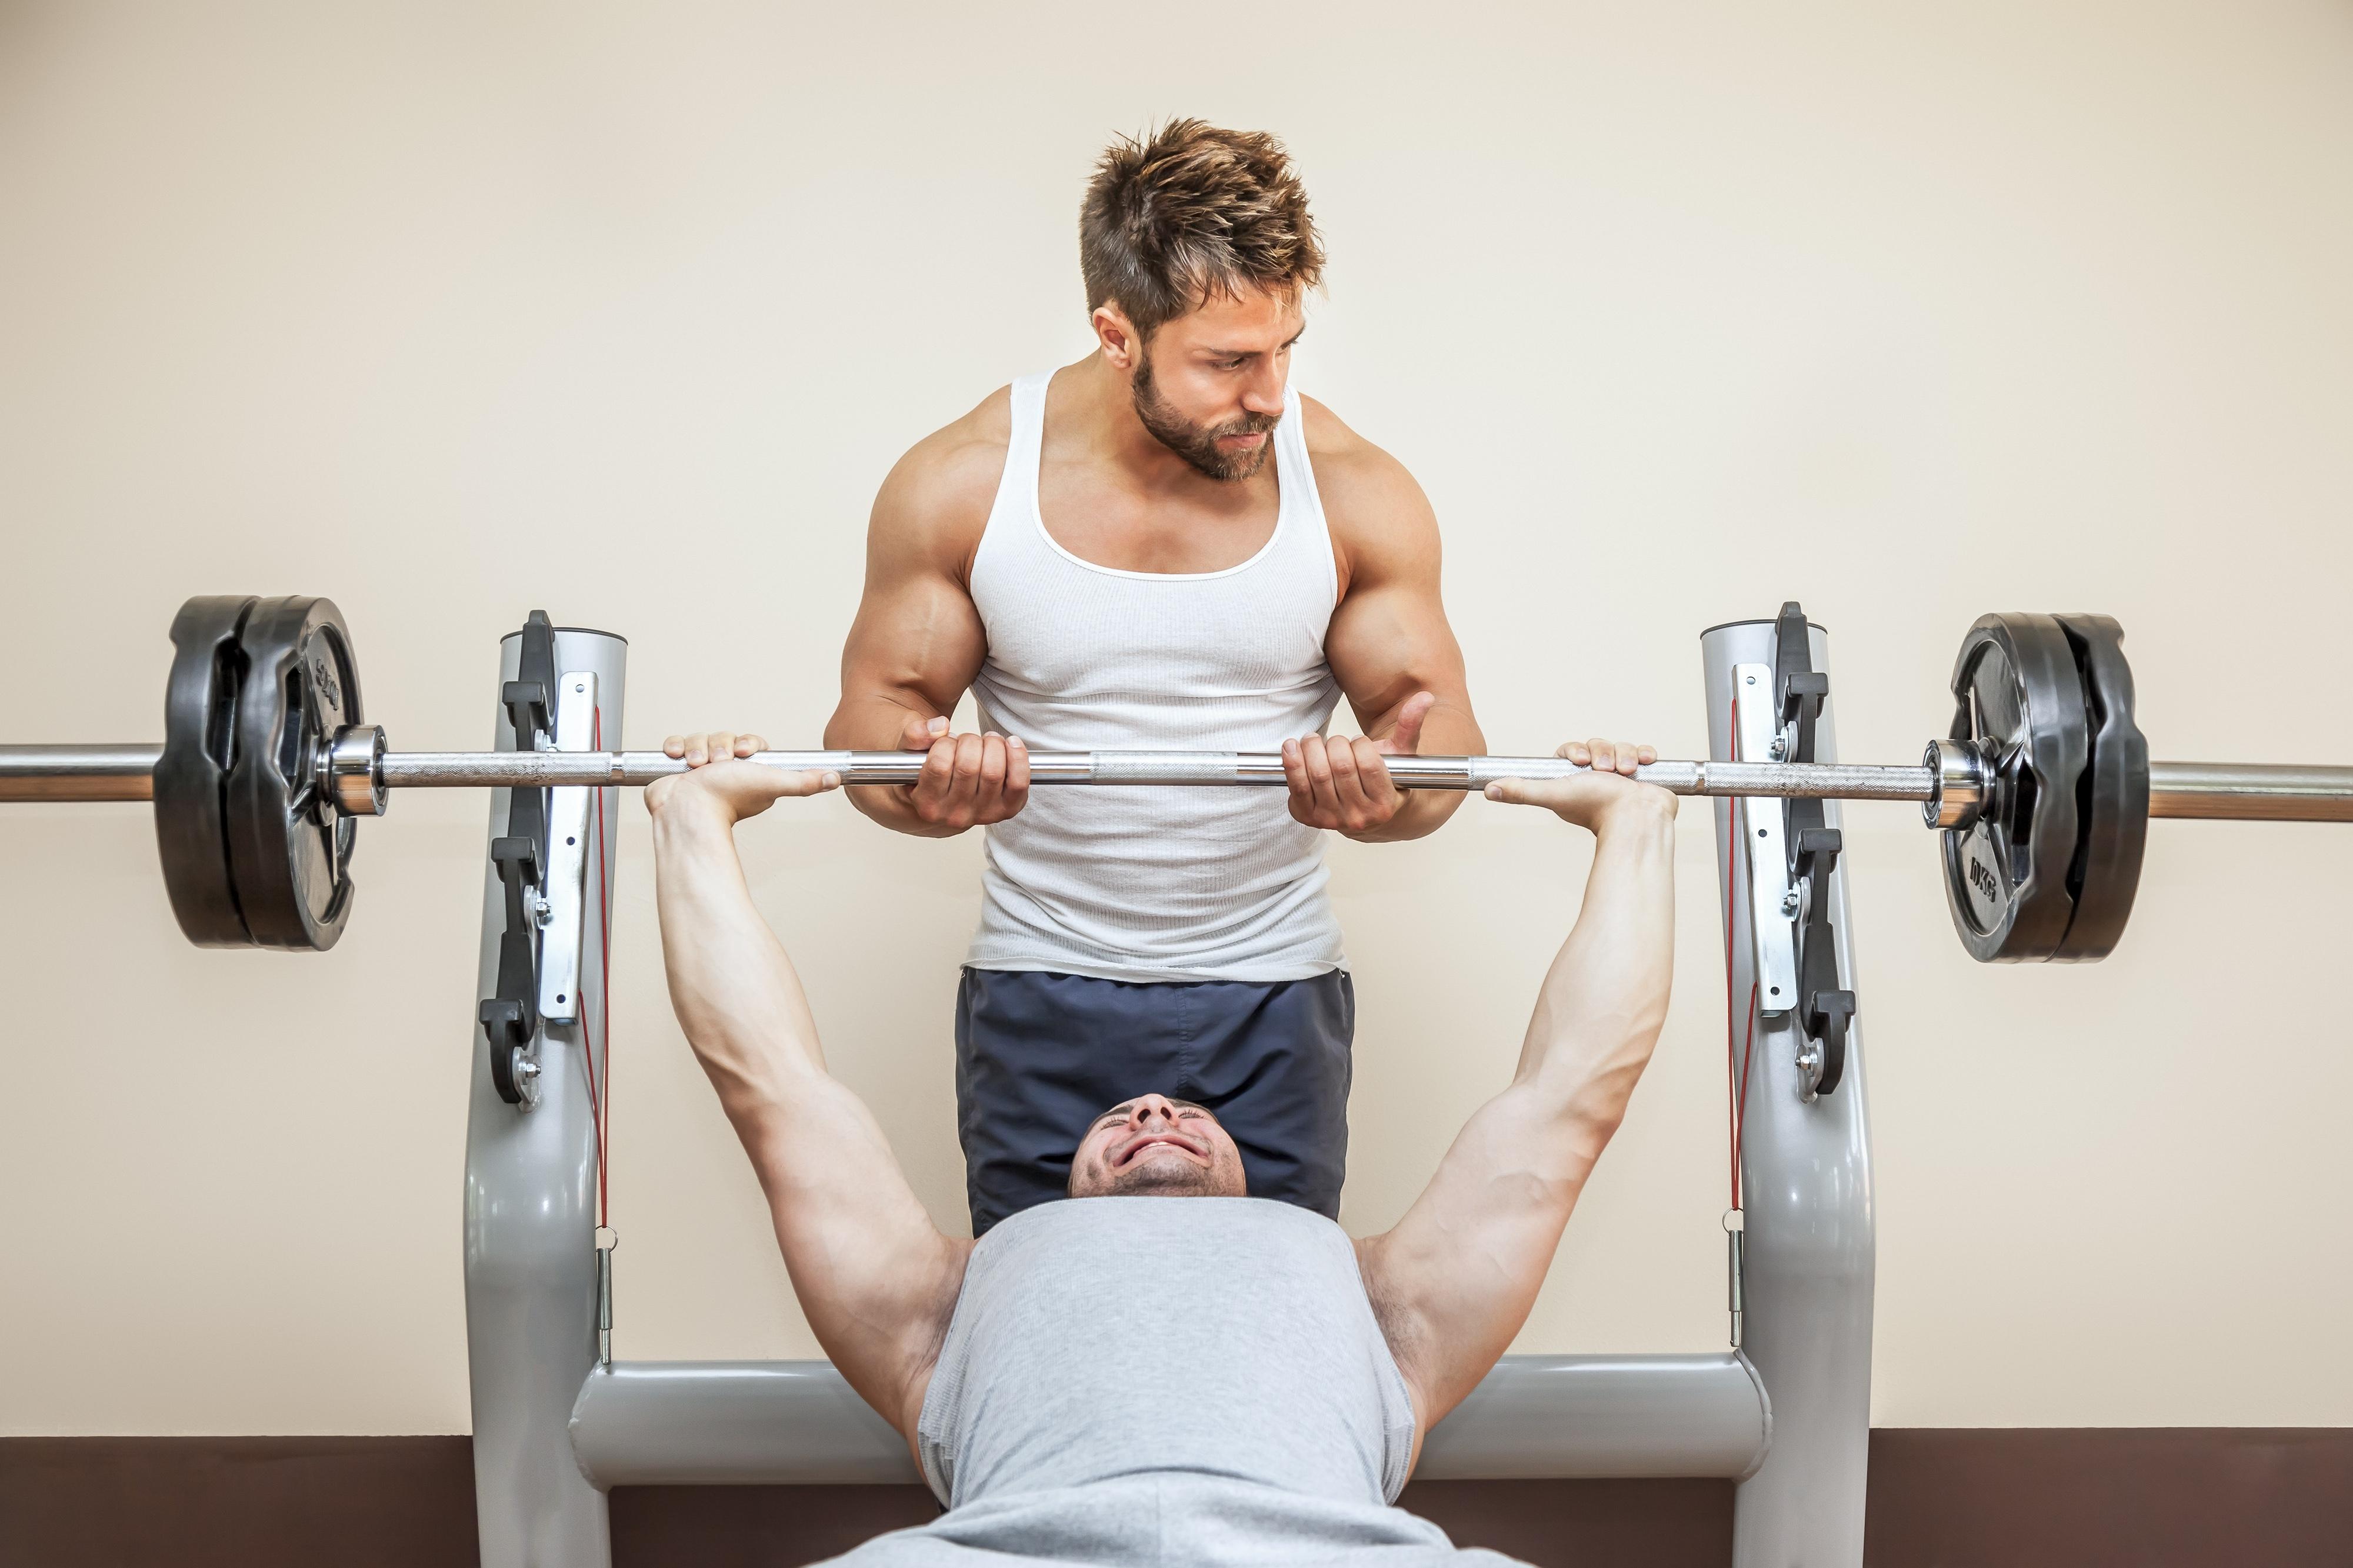 一般的な肉体改造 これはベンチプレス